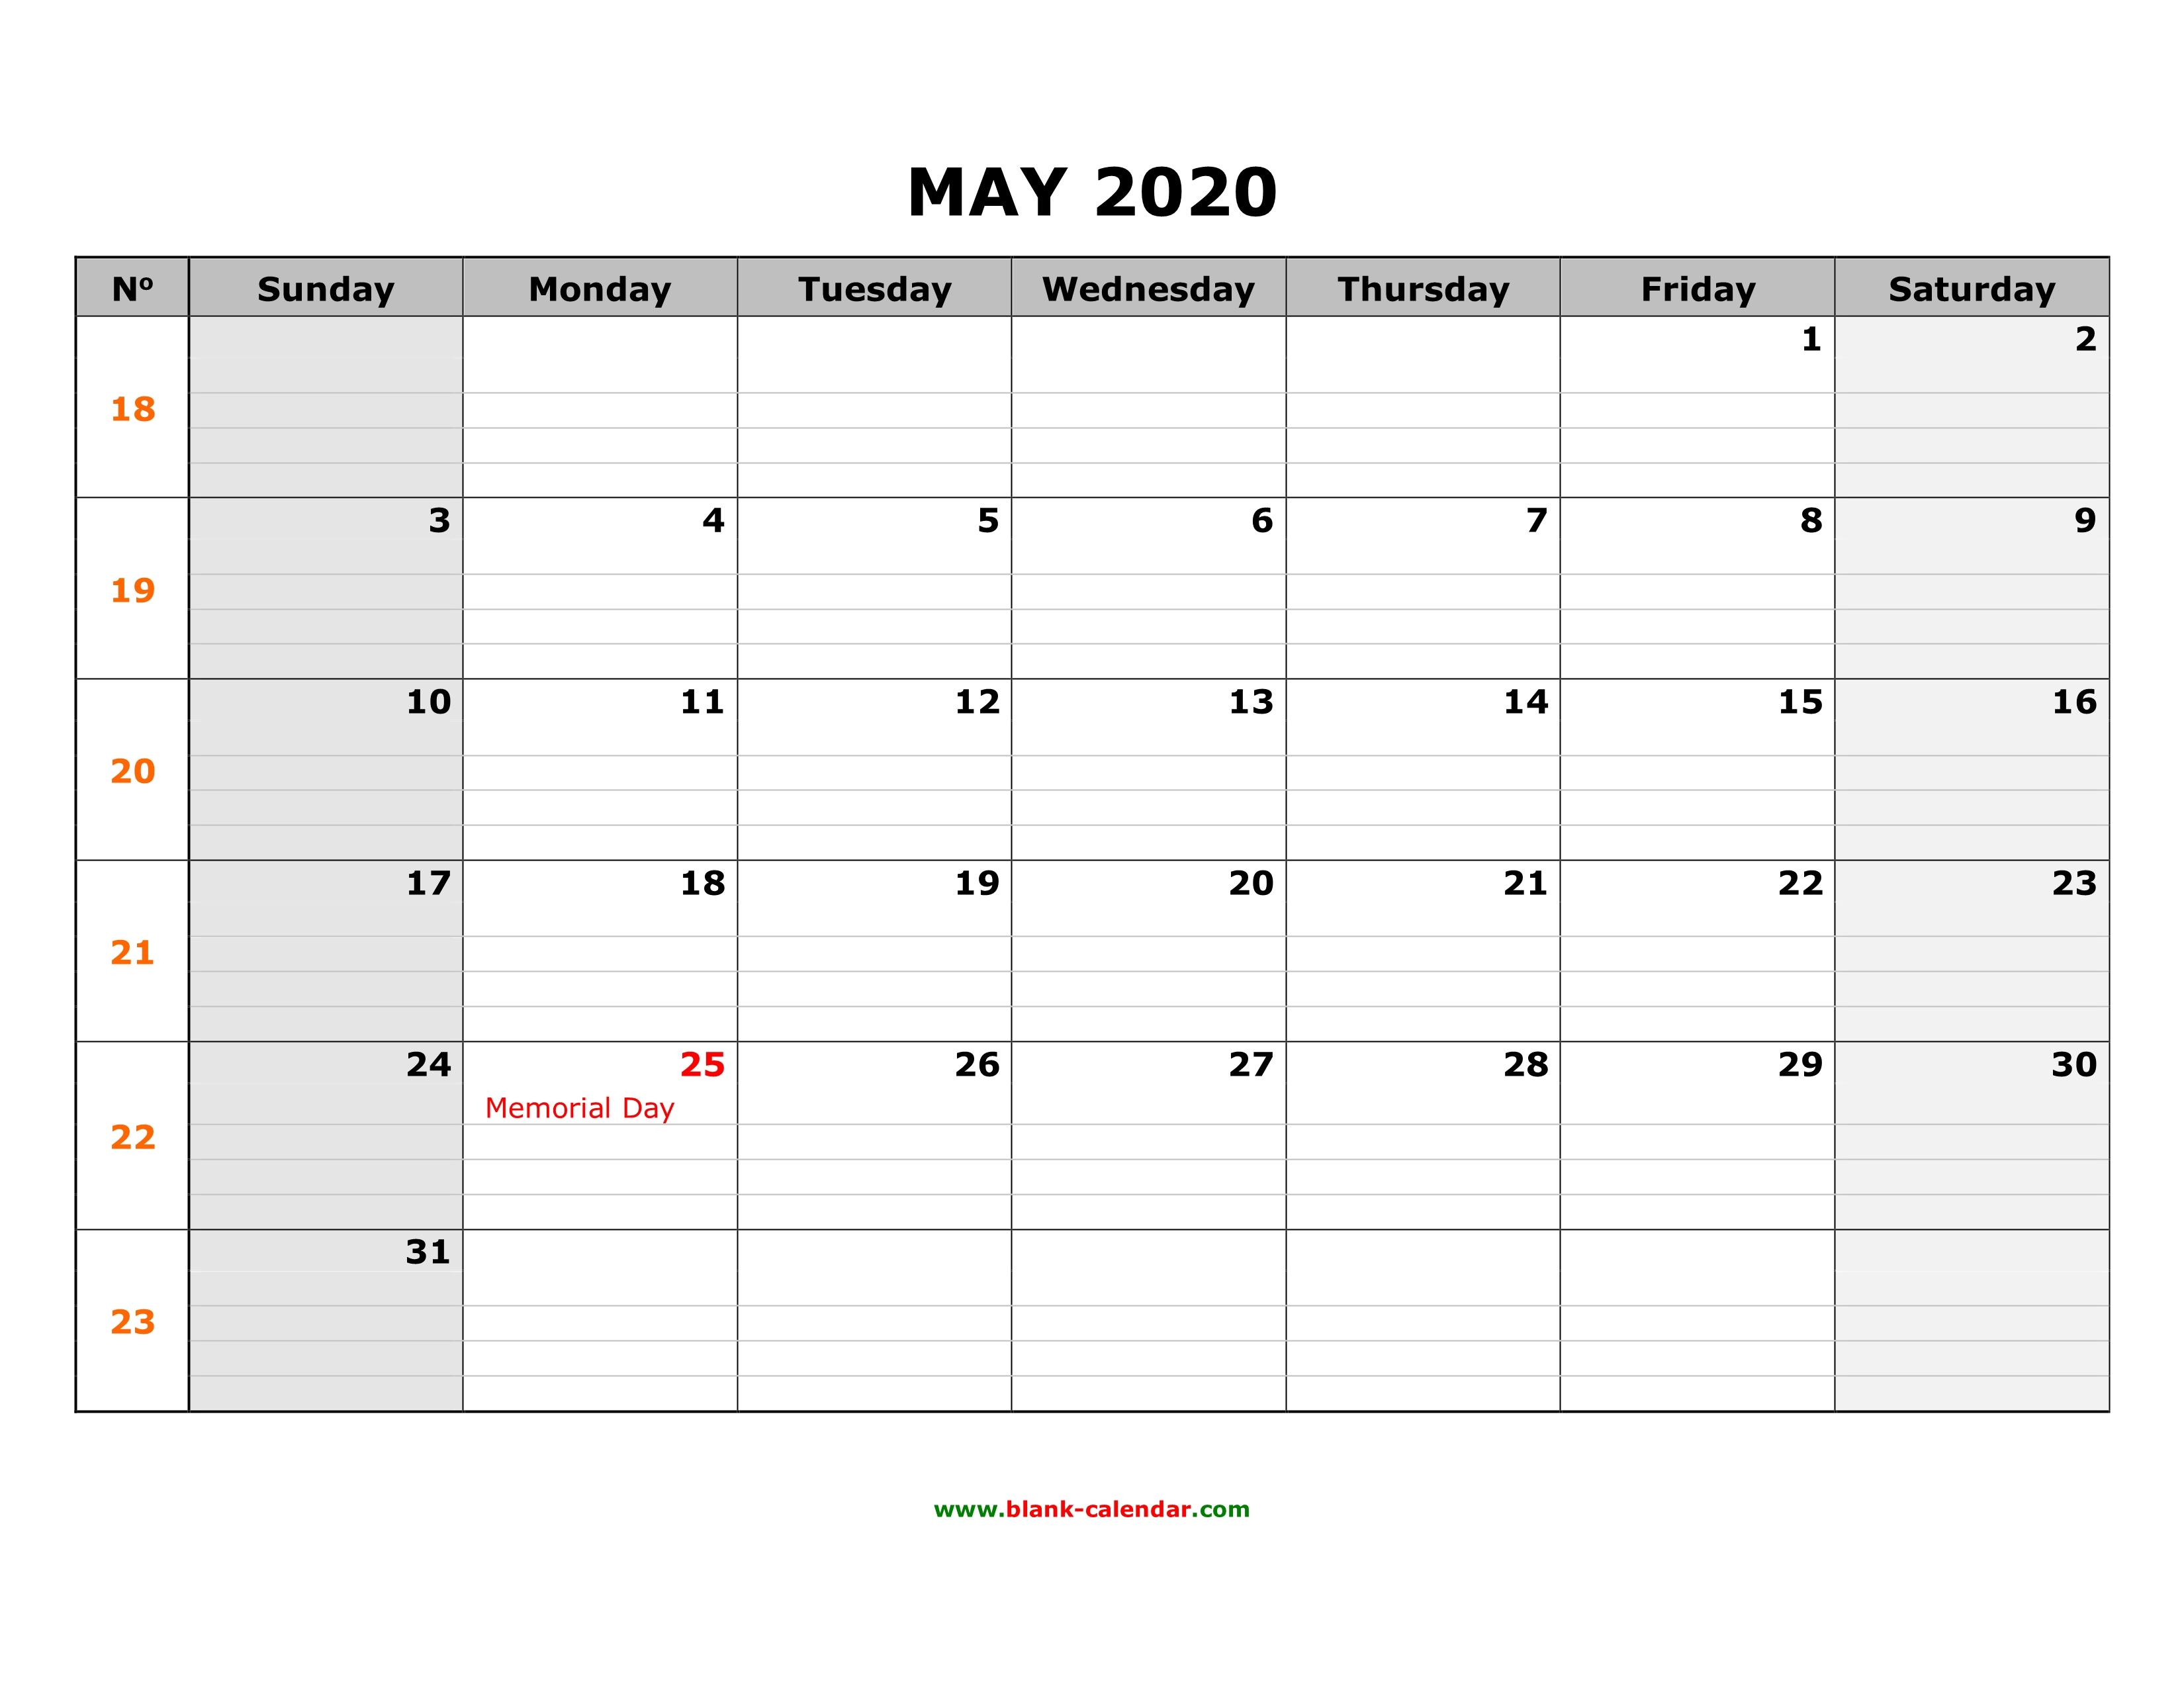 2020 Memorial Day Calendar Free Download Printable May 2020 Calendar, large box grid, space